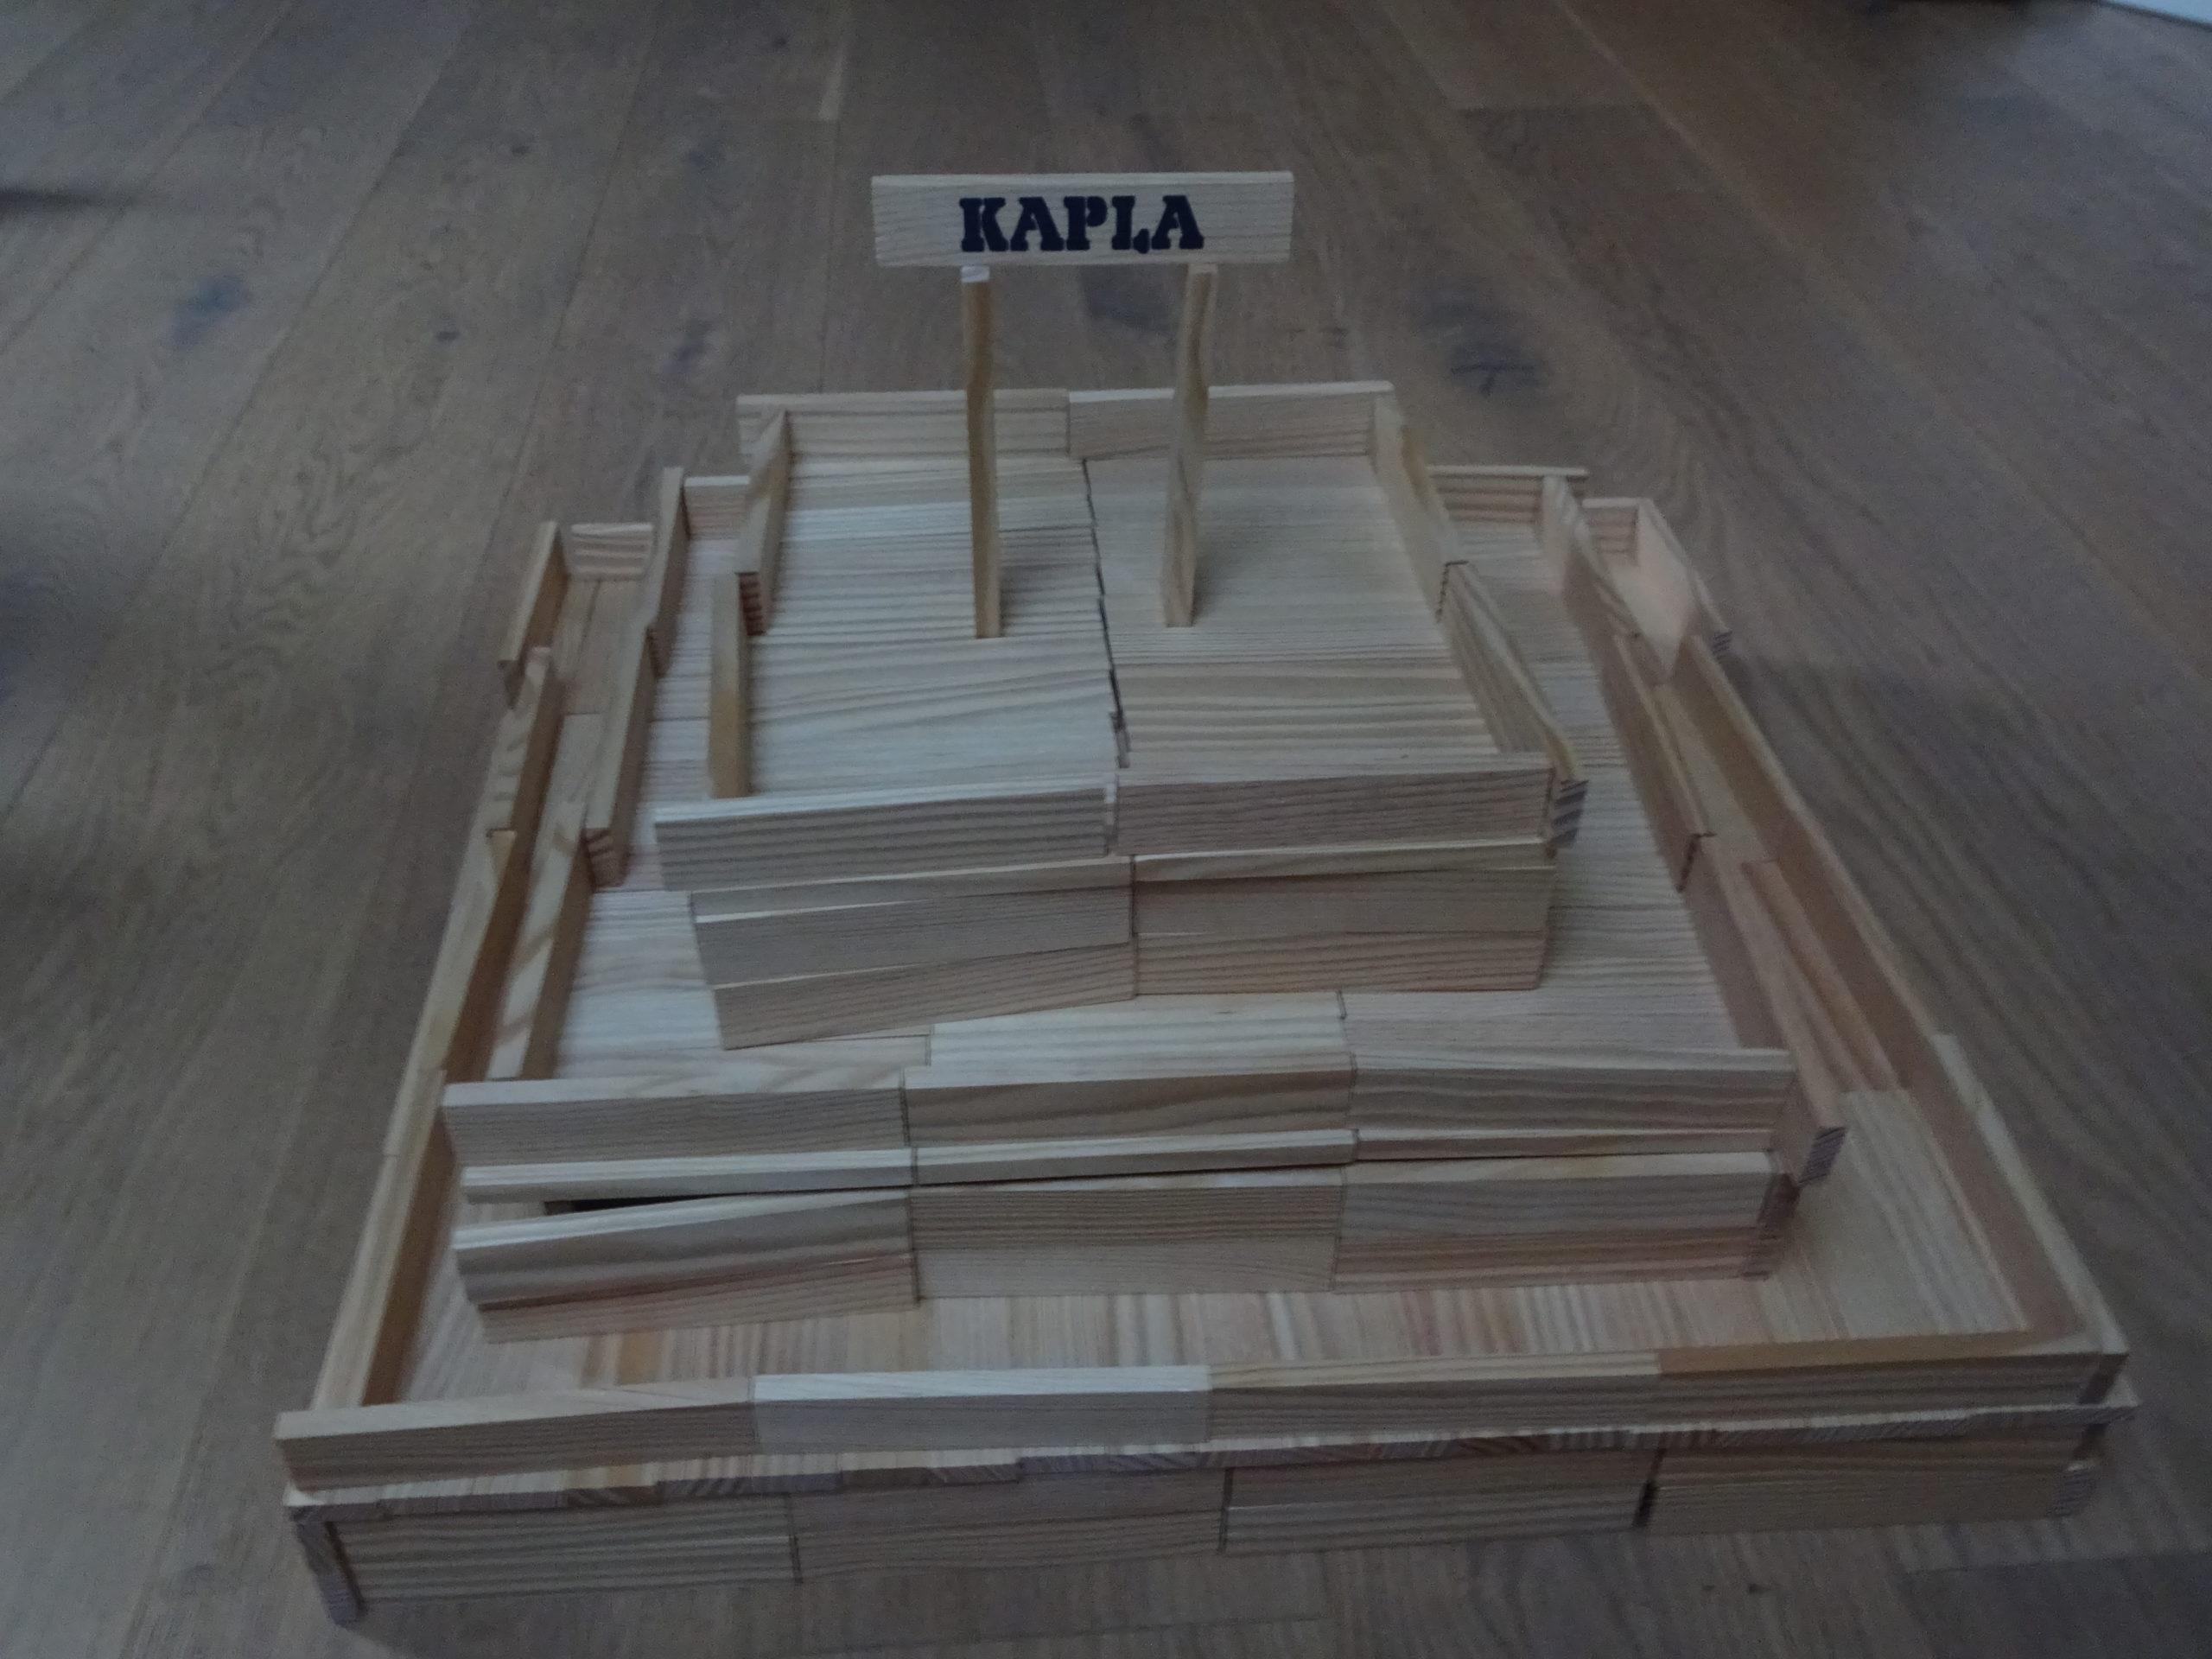 Bergen spielt Kapla